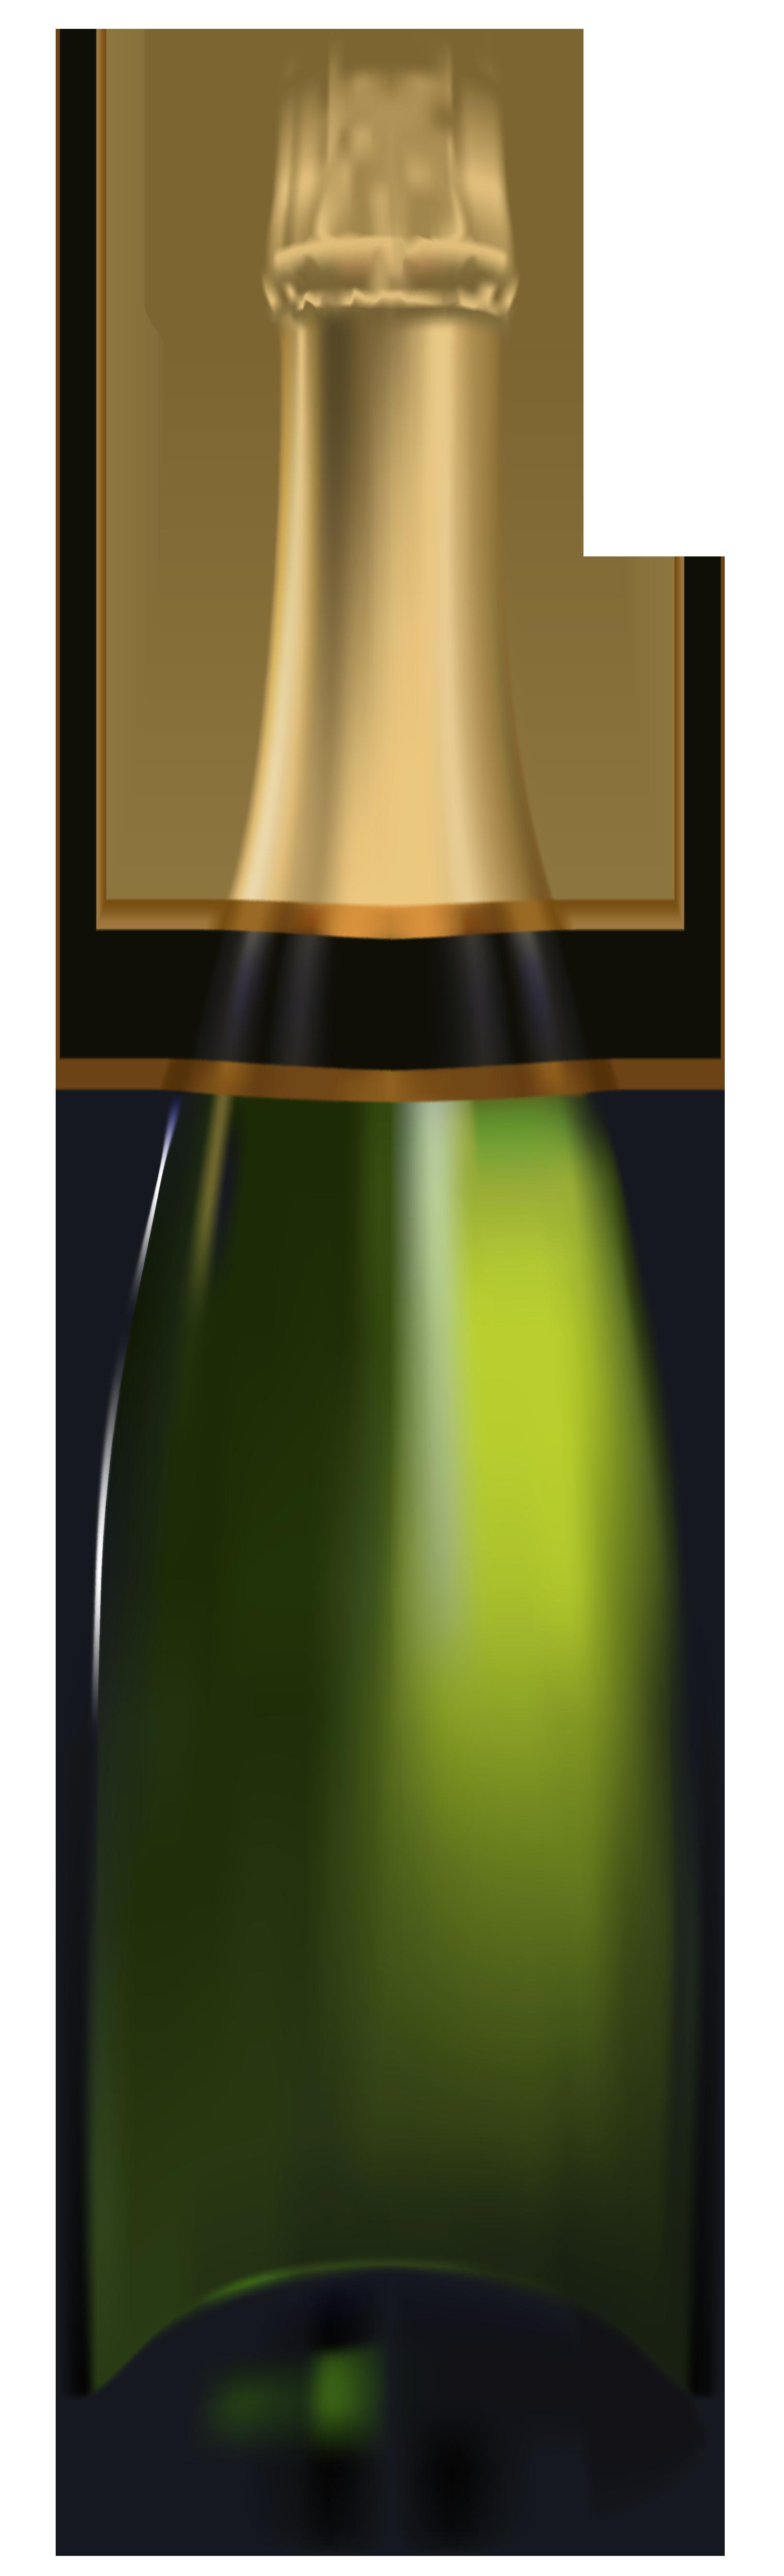 Champaign clipart liquor bottle. Champagne png best web